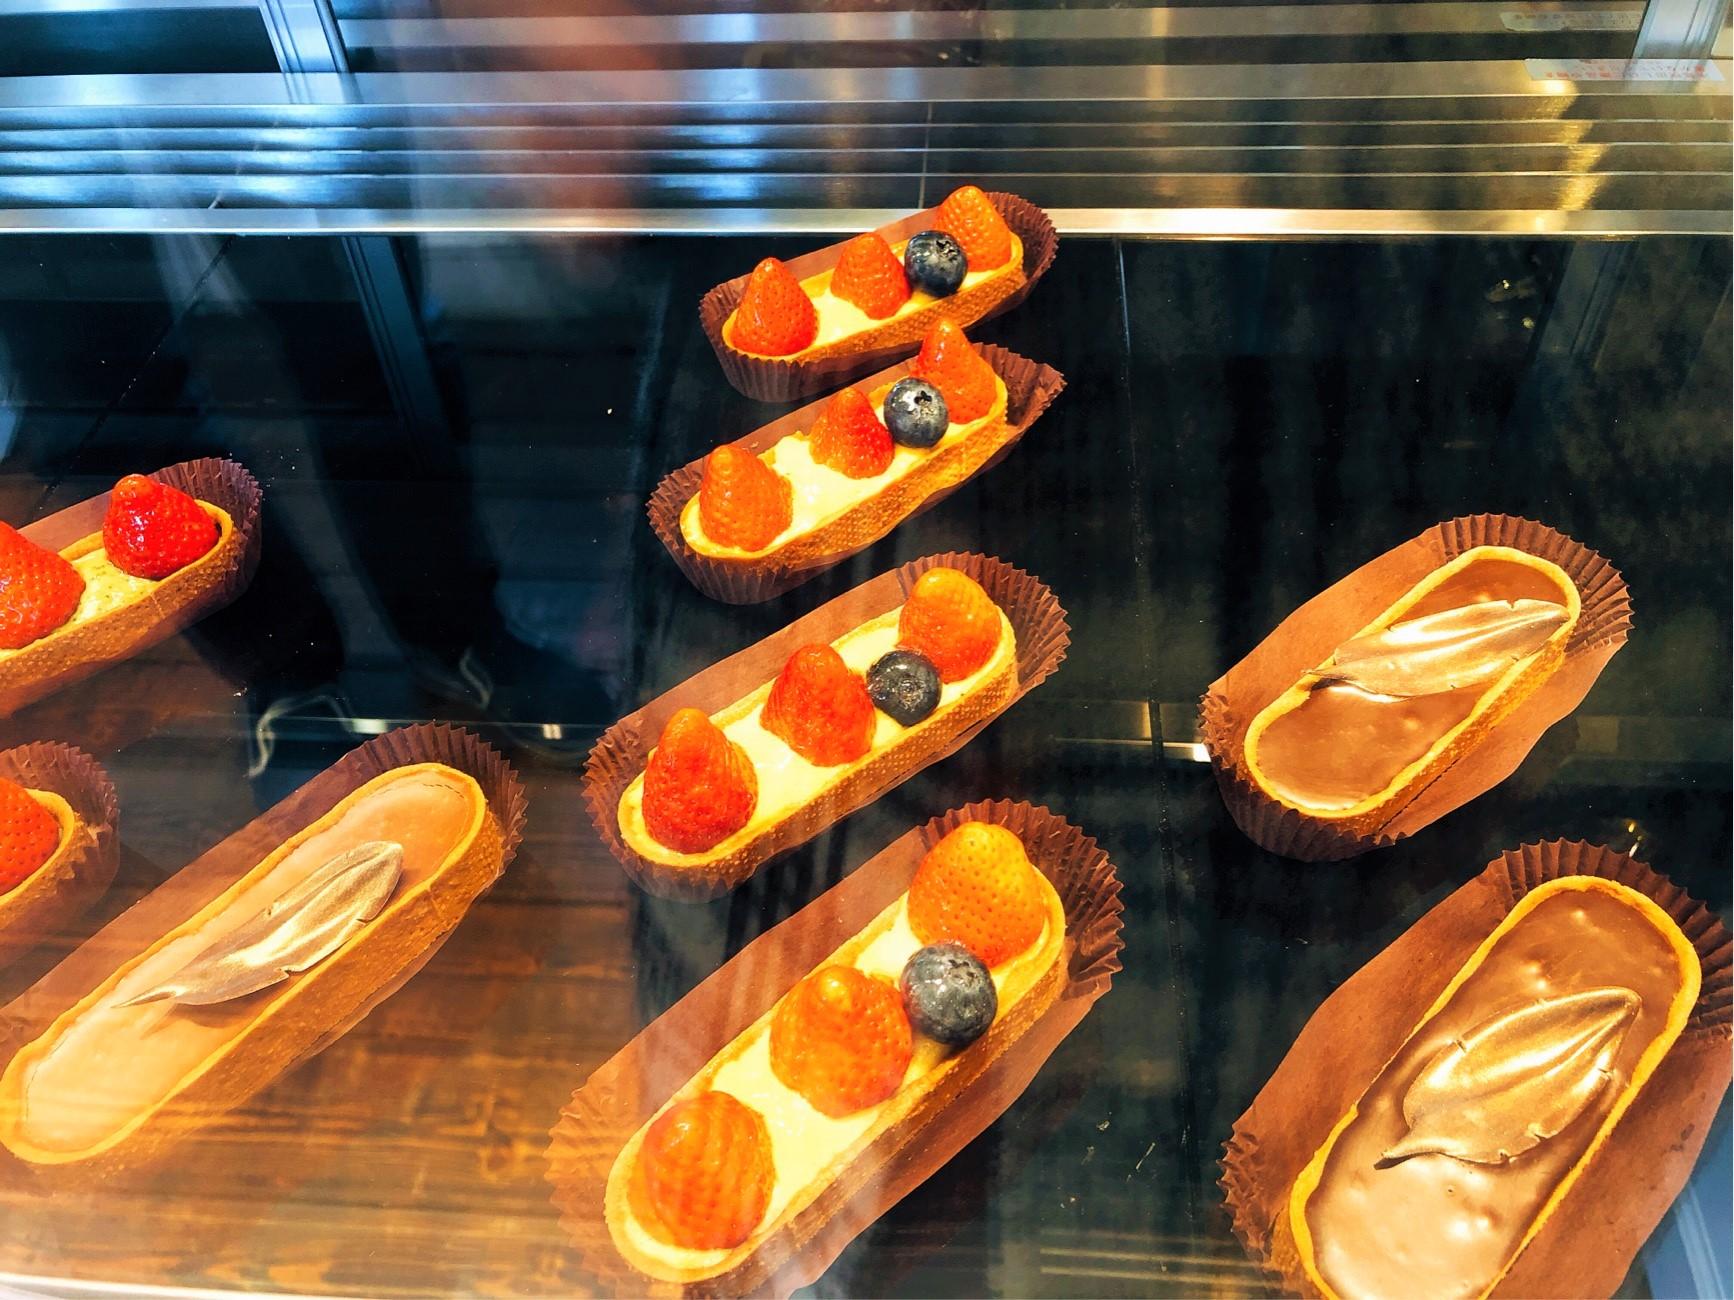 葉山で人気のチョコレート屋さん「Nicolas&Herbs(ニコラ&ハーブ)」のタルト。チョコレート以外にも揃っていて嬉しい。